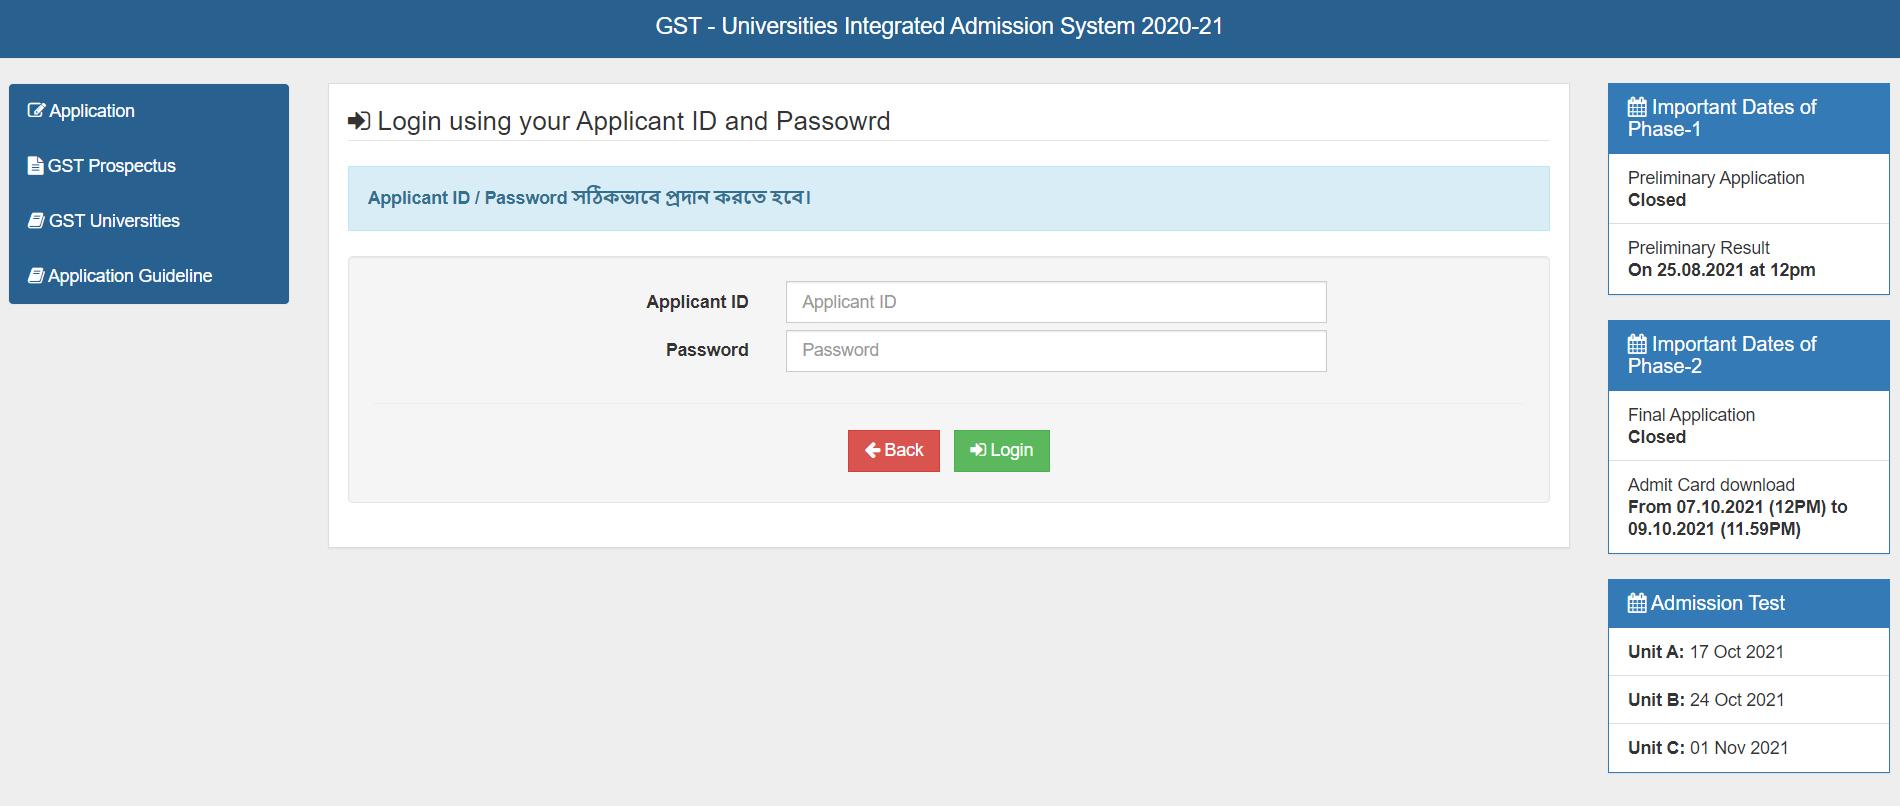 GST Admit Card 2021 Download - gstadmission.ac.bd